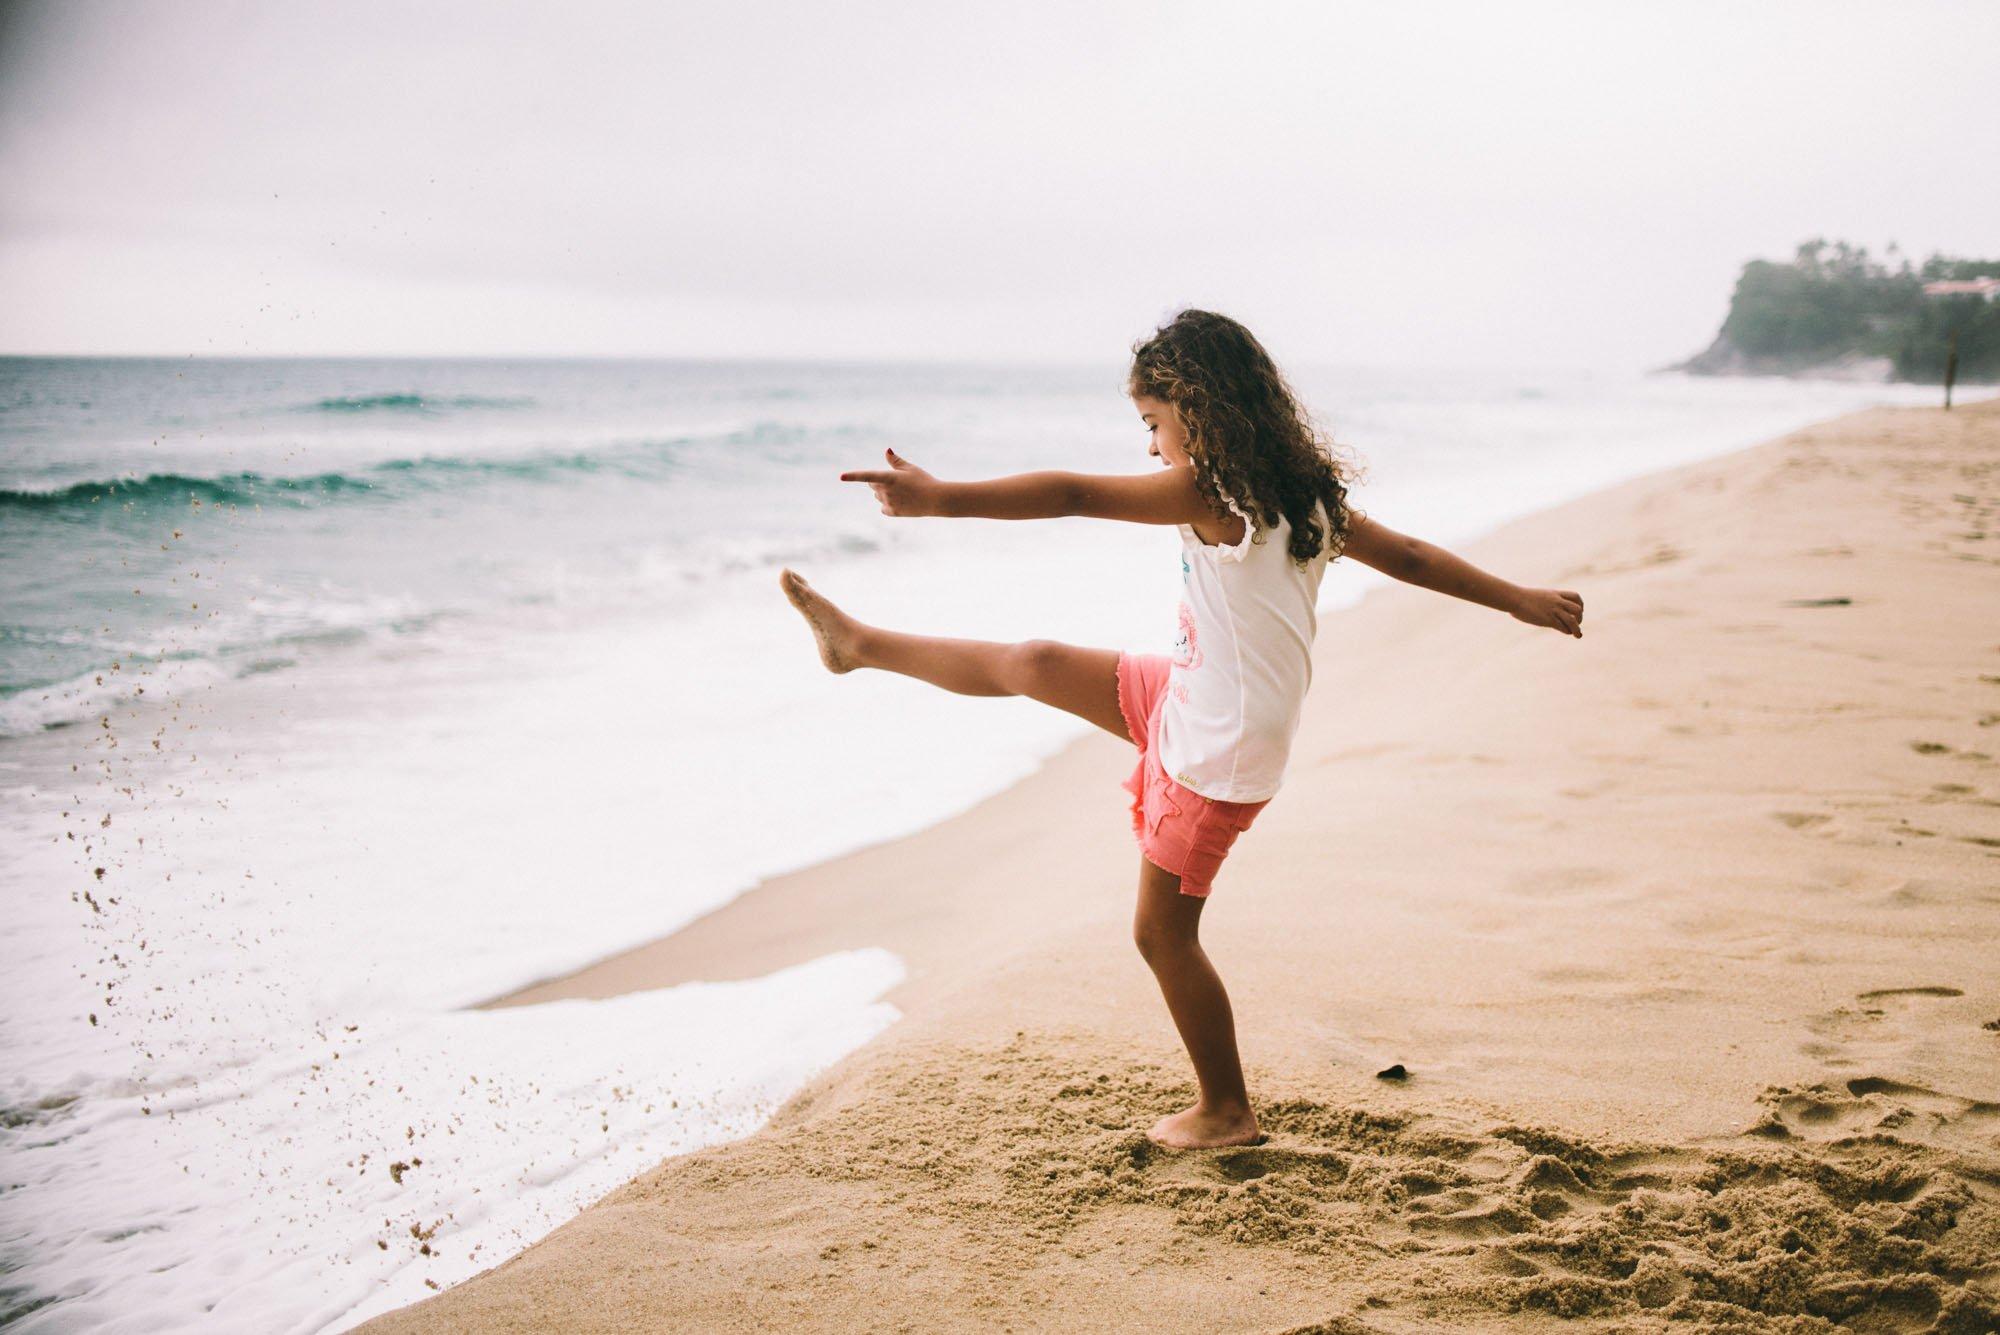 criança brincando na praia ubatuba